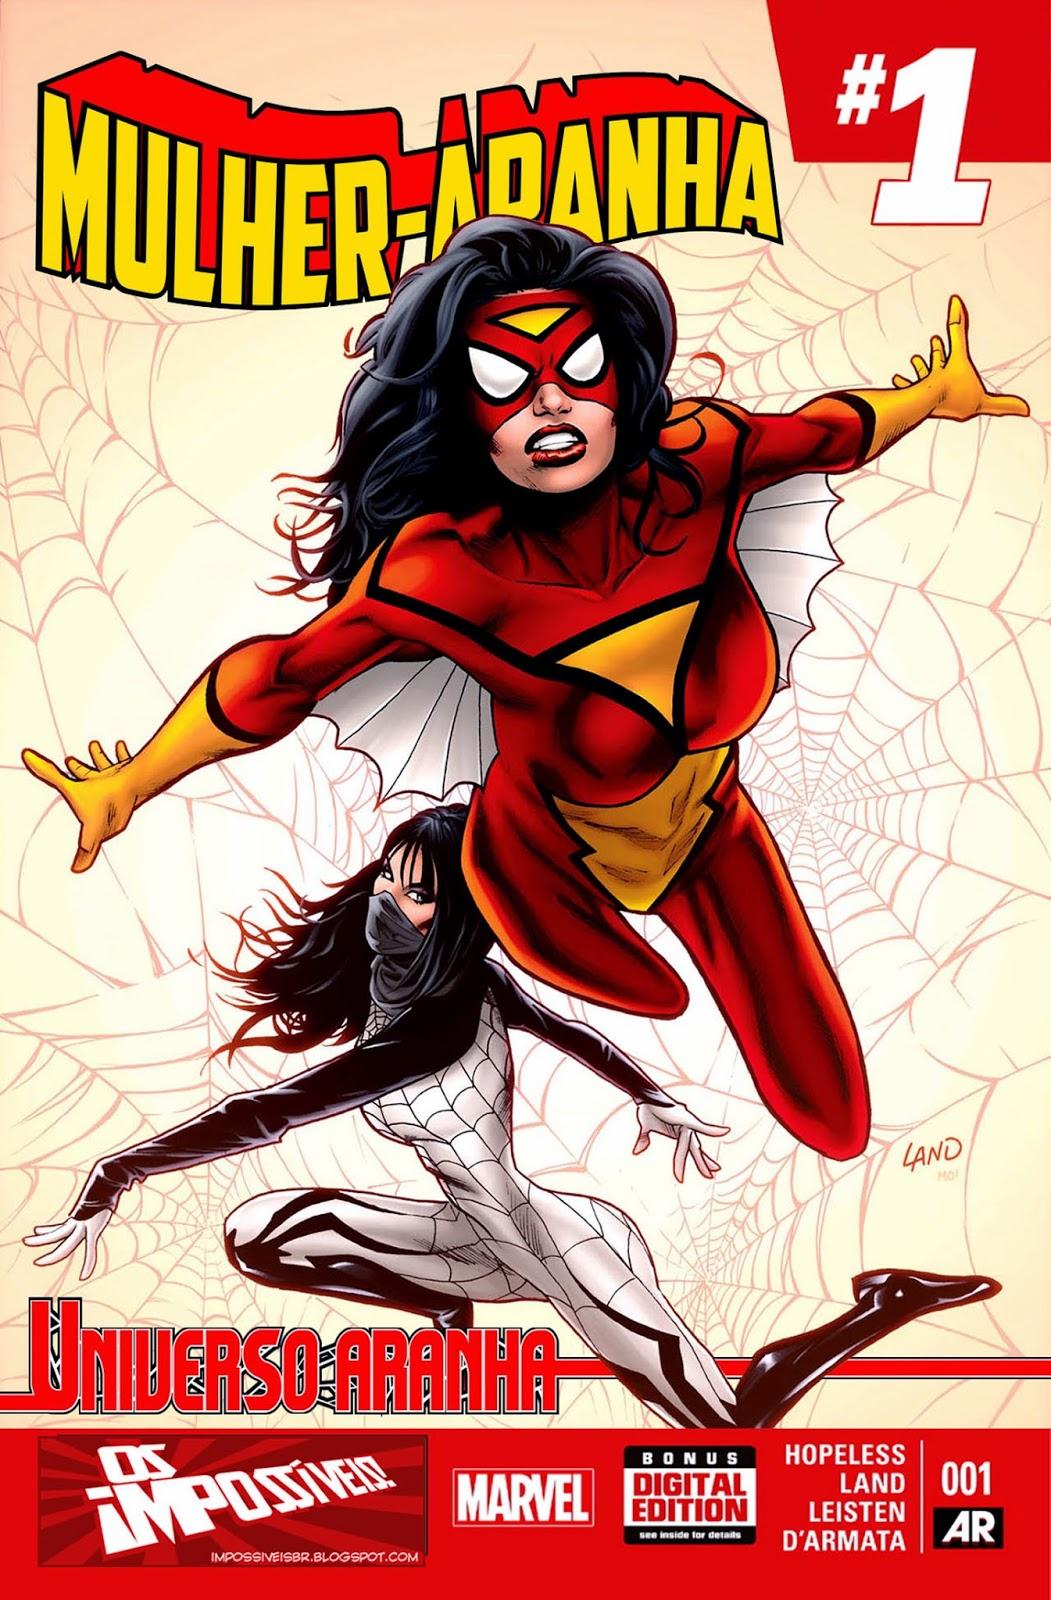 Mulher-Aranha #1